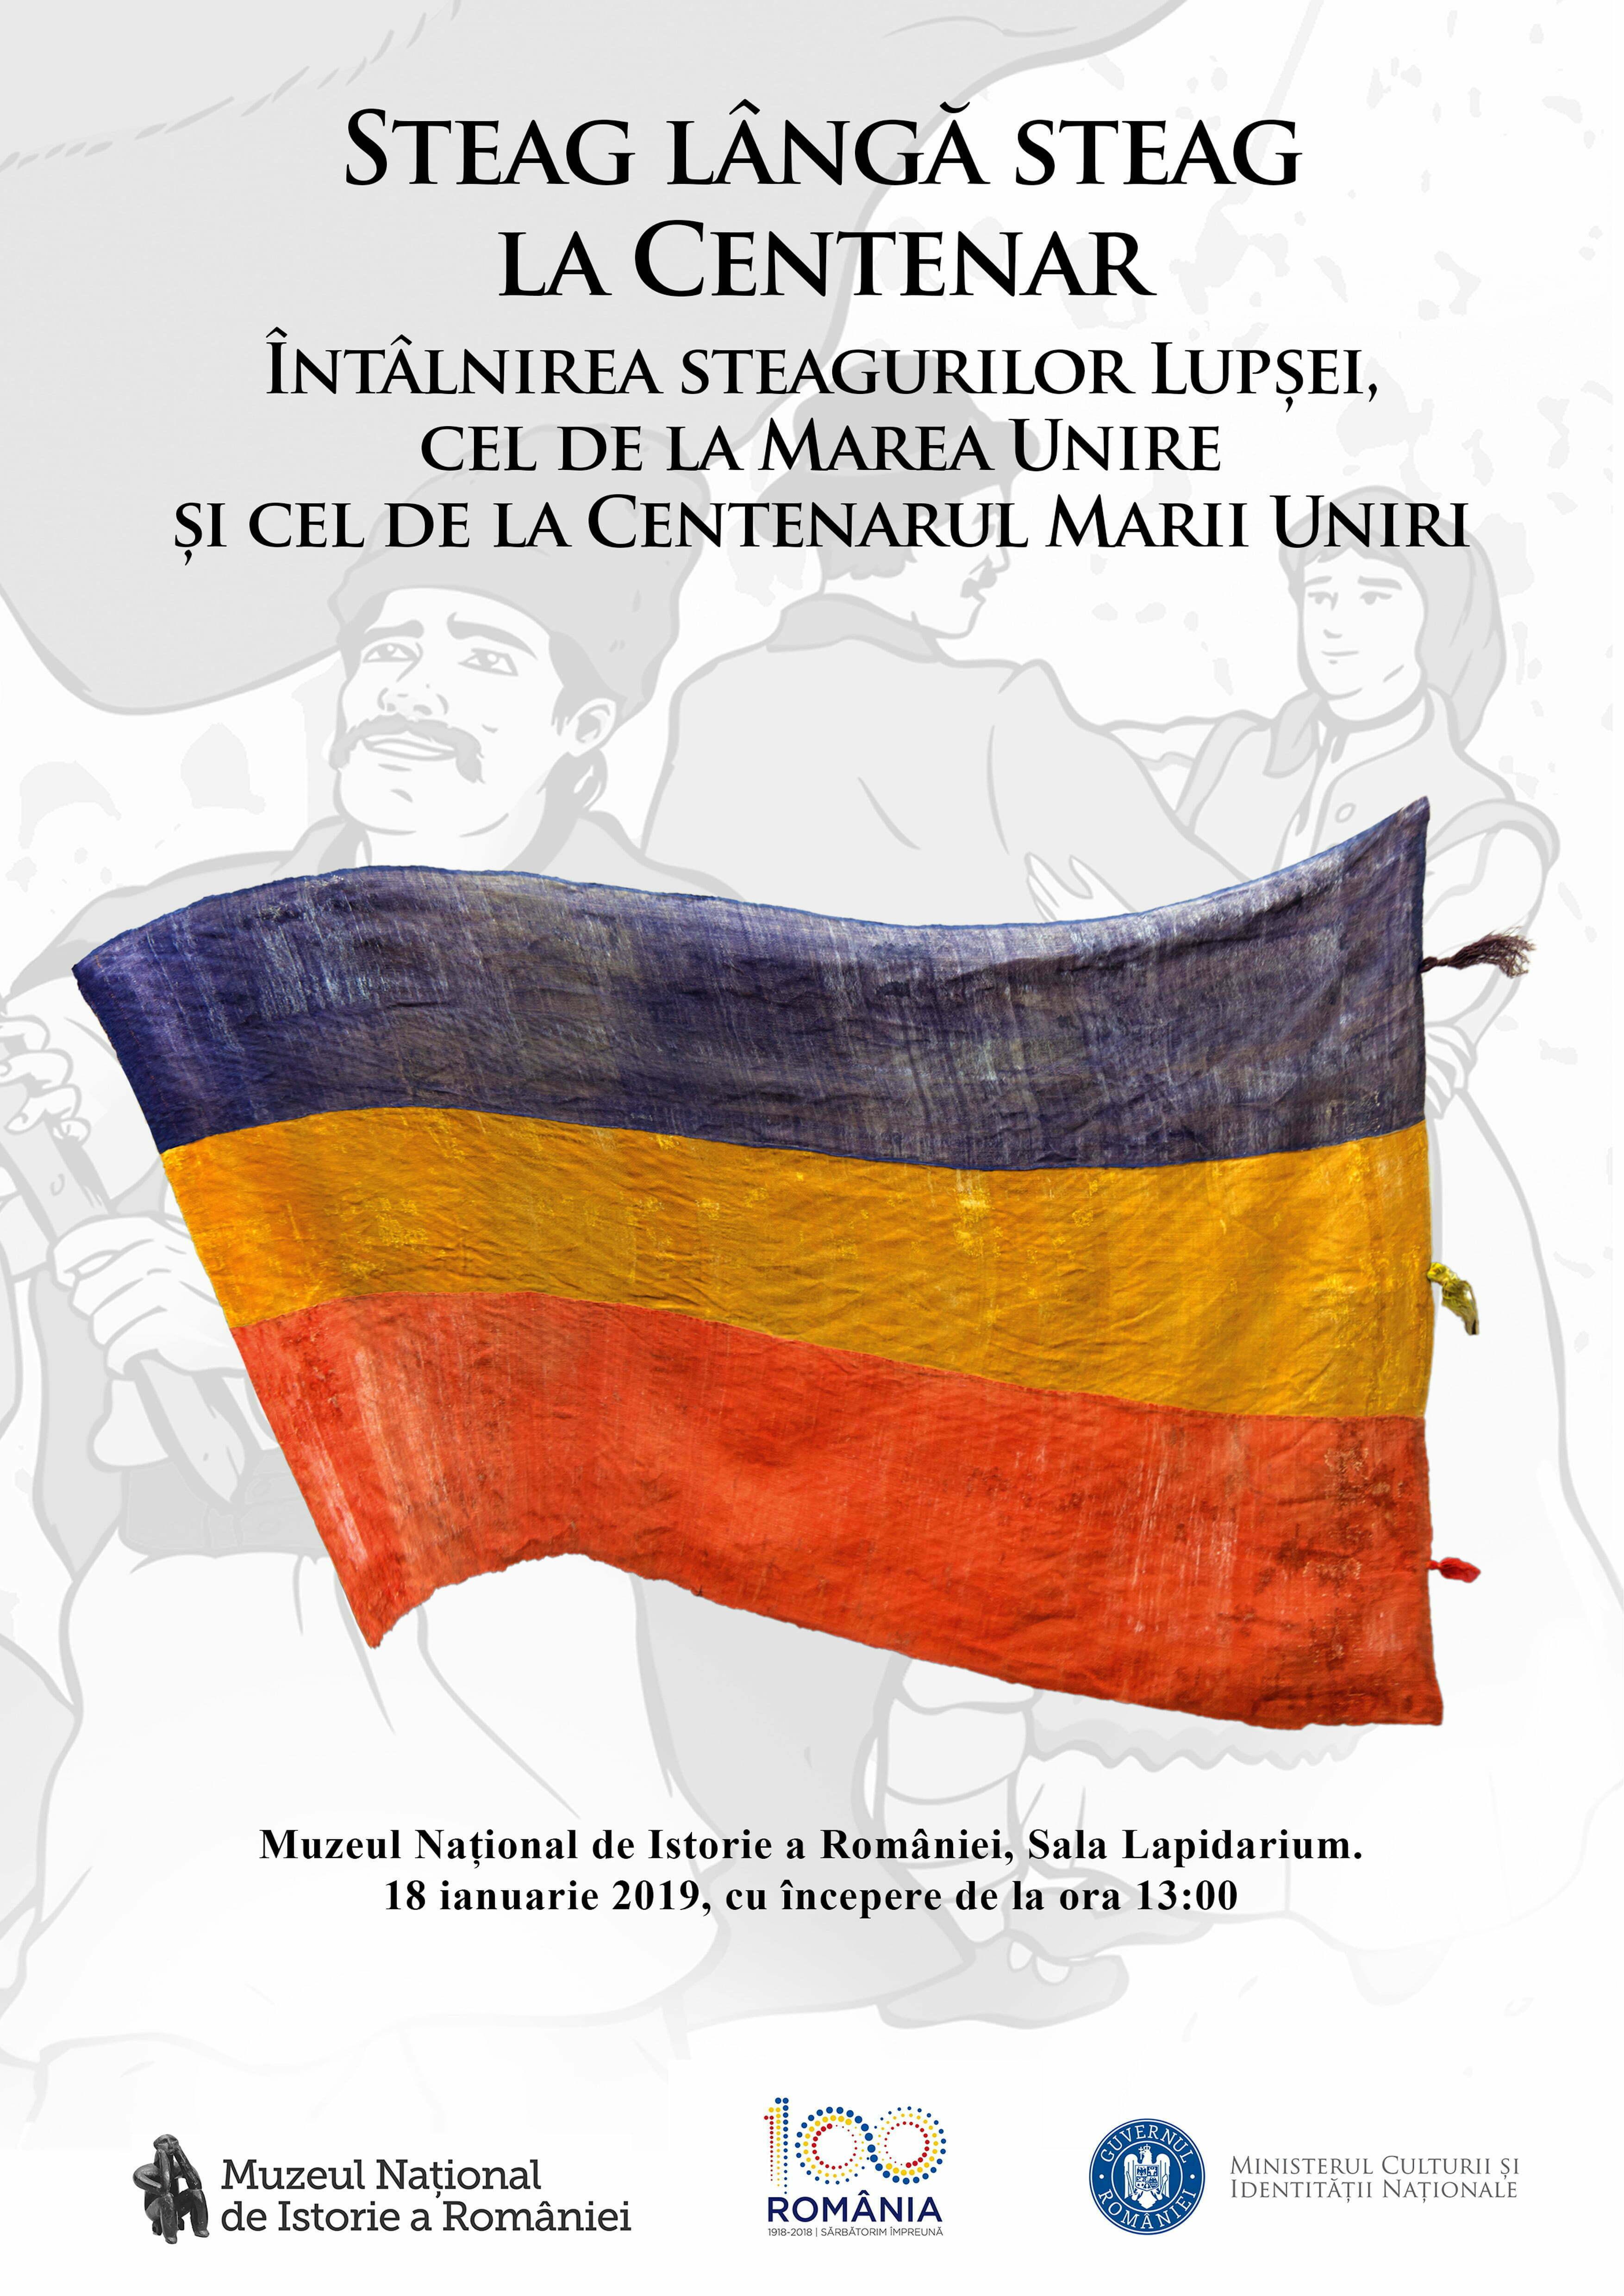 Ceremonie dedicată steagului delegaţiei comunei Lupşa la Marea Adunare Națională de la Alba-Iulia din 1 decembrie 1918